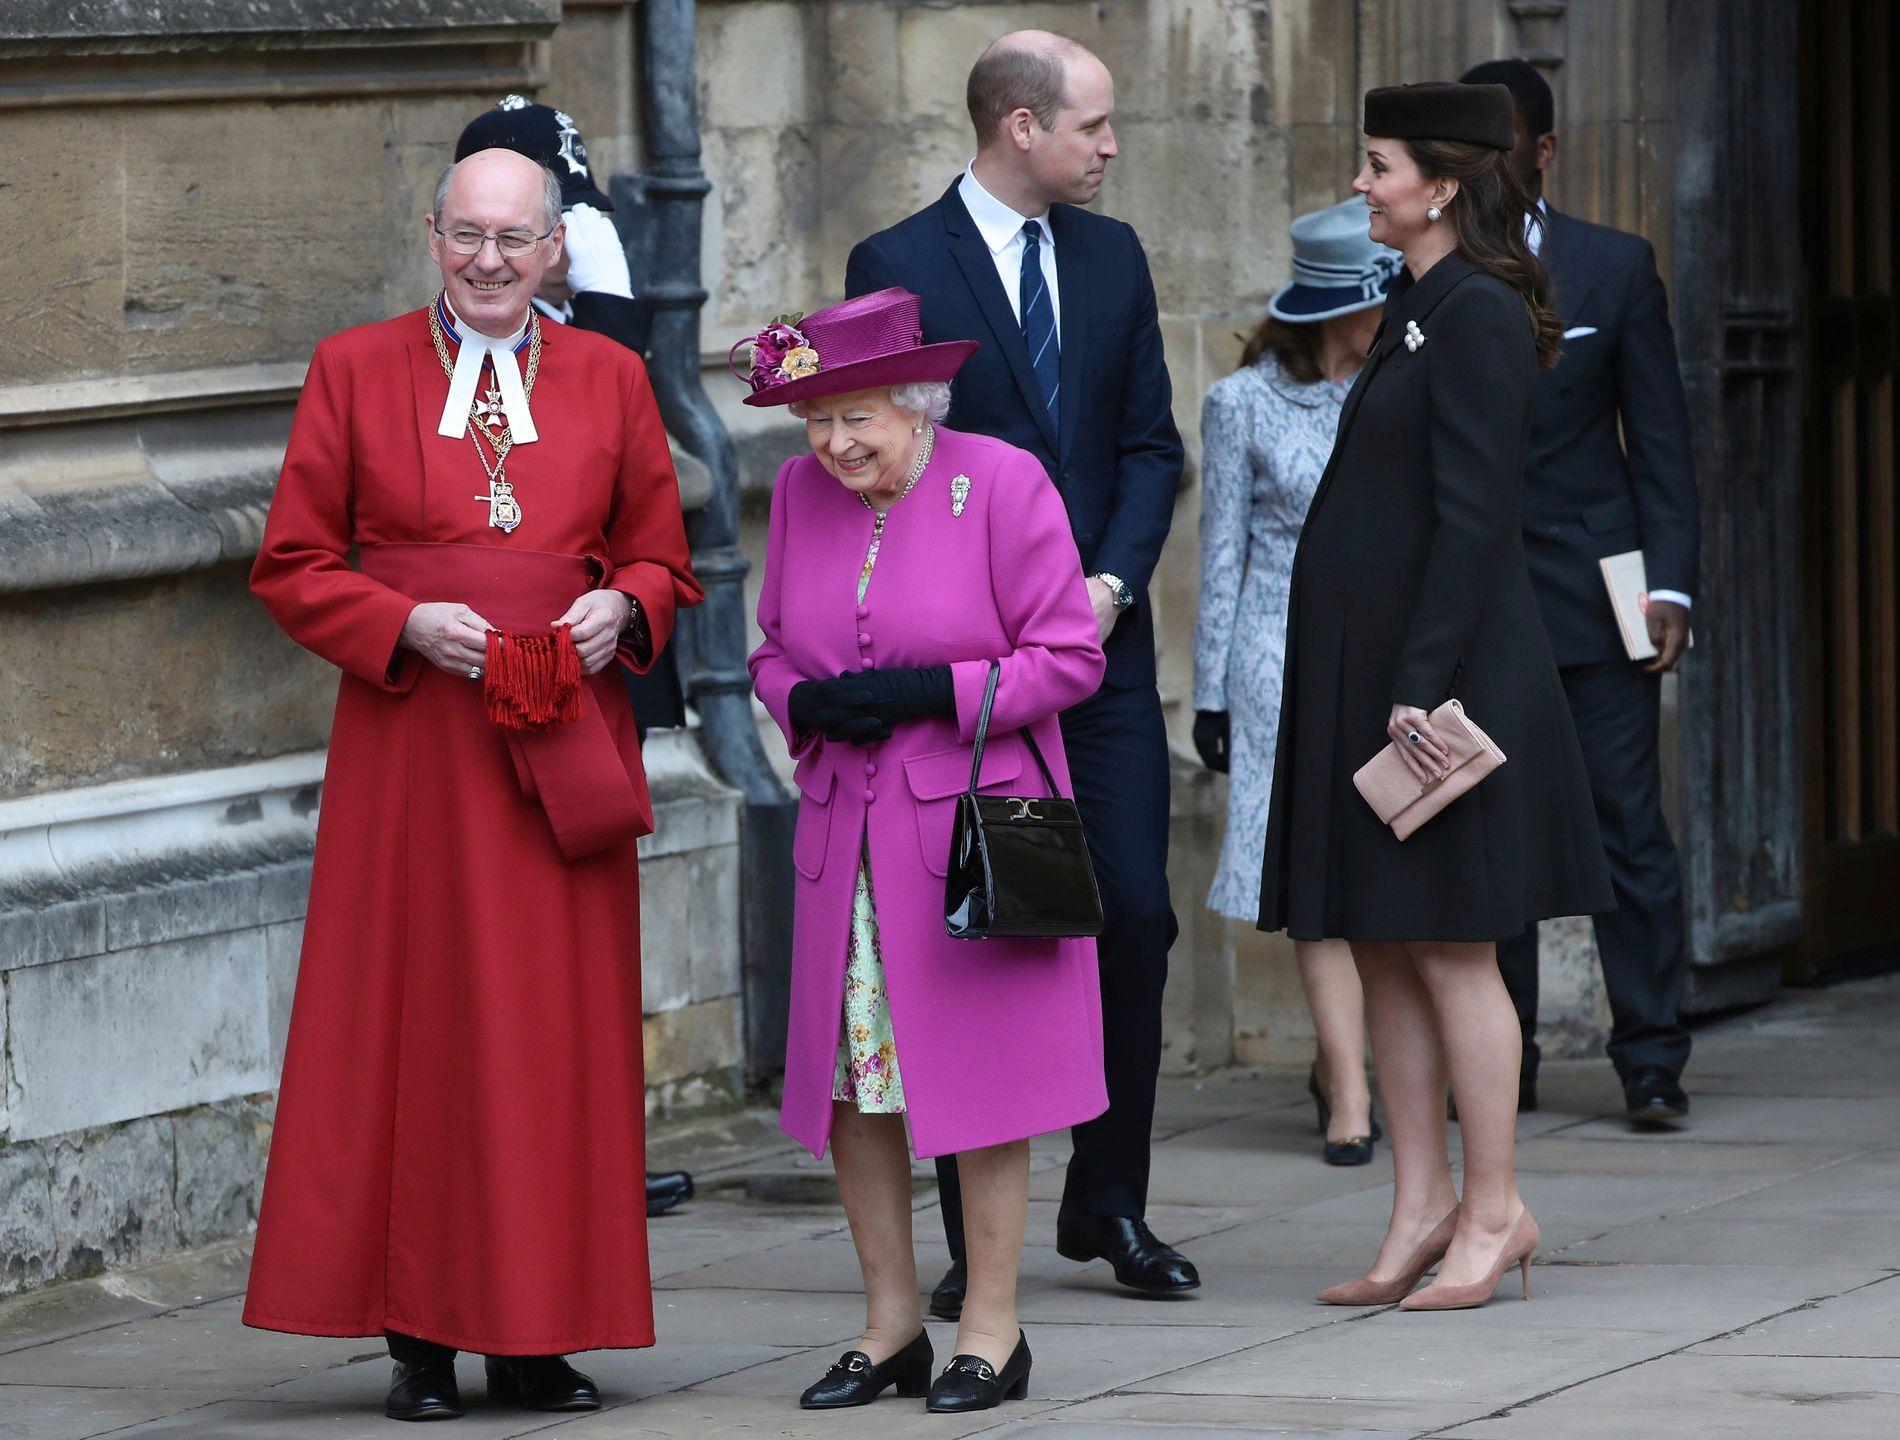 PÅSKEMESSE: Dronning Elizabeth, prins William og Hertuginne Kate på vei ut fra påskemesse i St. George Chapel i Windsor første påskedag.